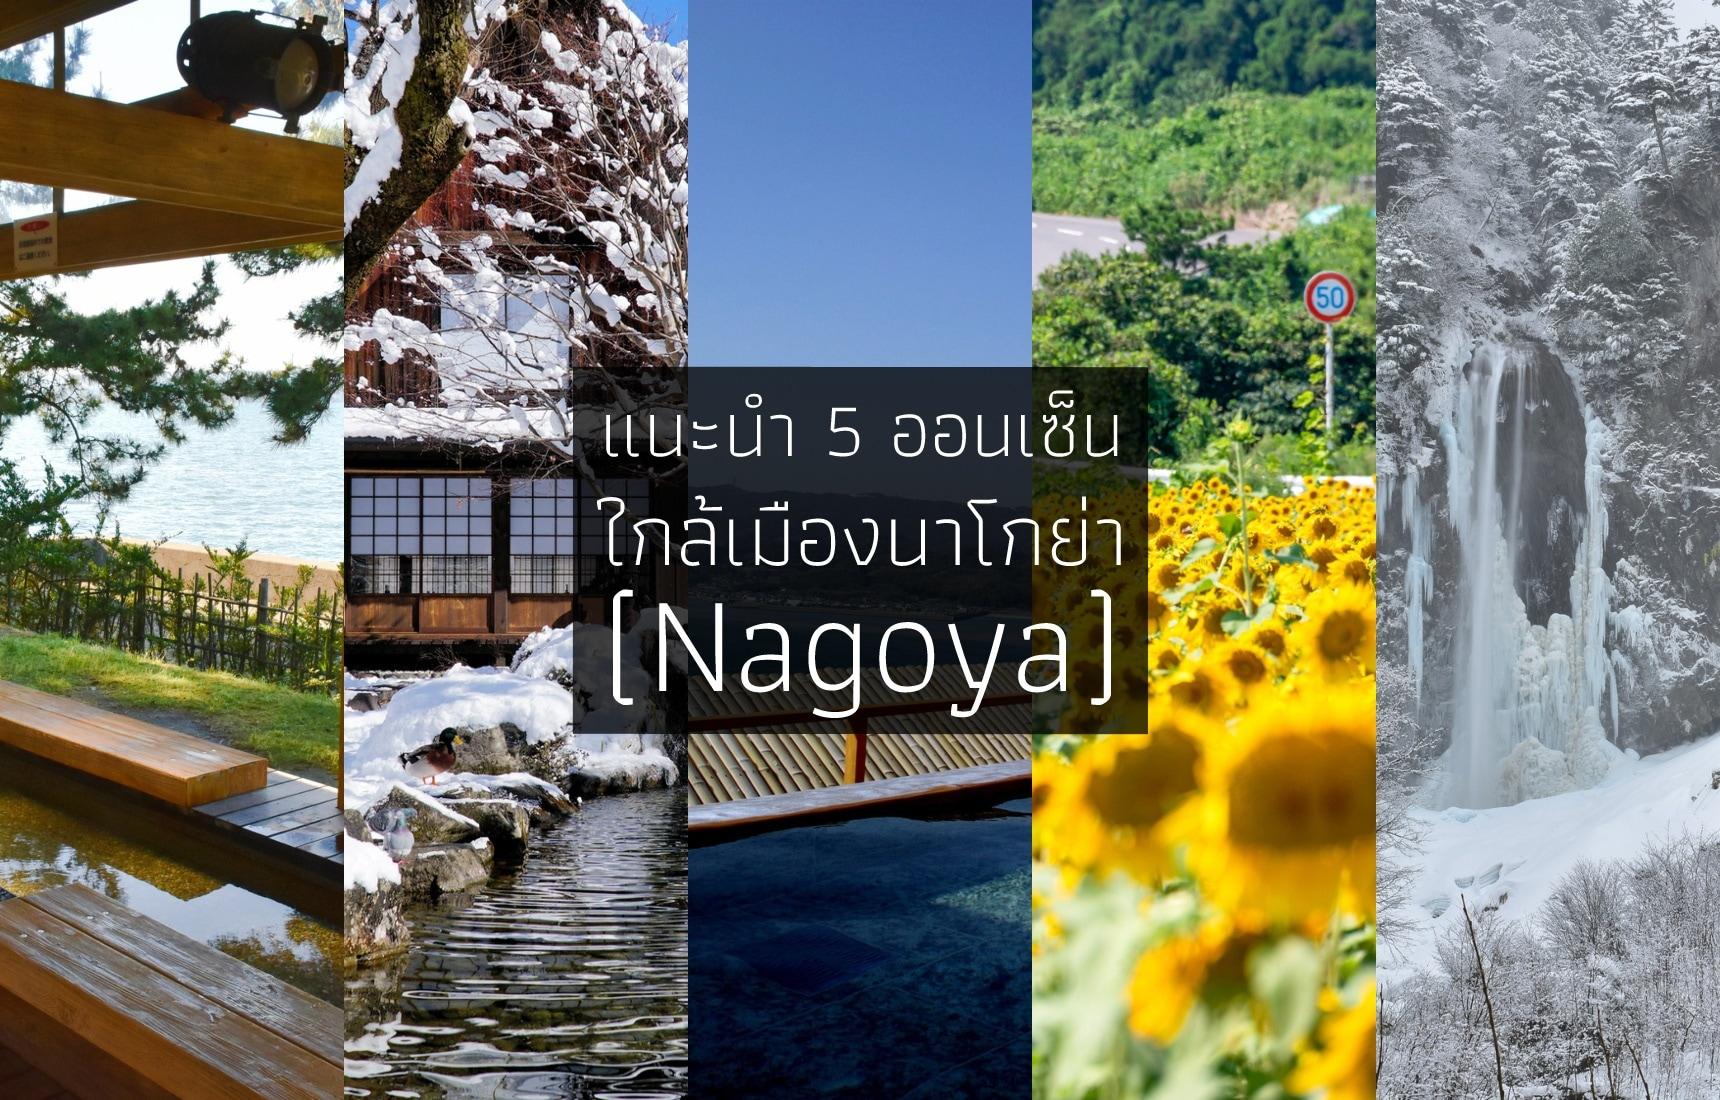 แนะนำ 5 ออนเซ็นใกล้เมืองนาโกย่า (Nagoya)